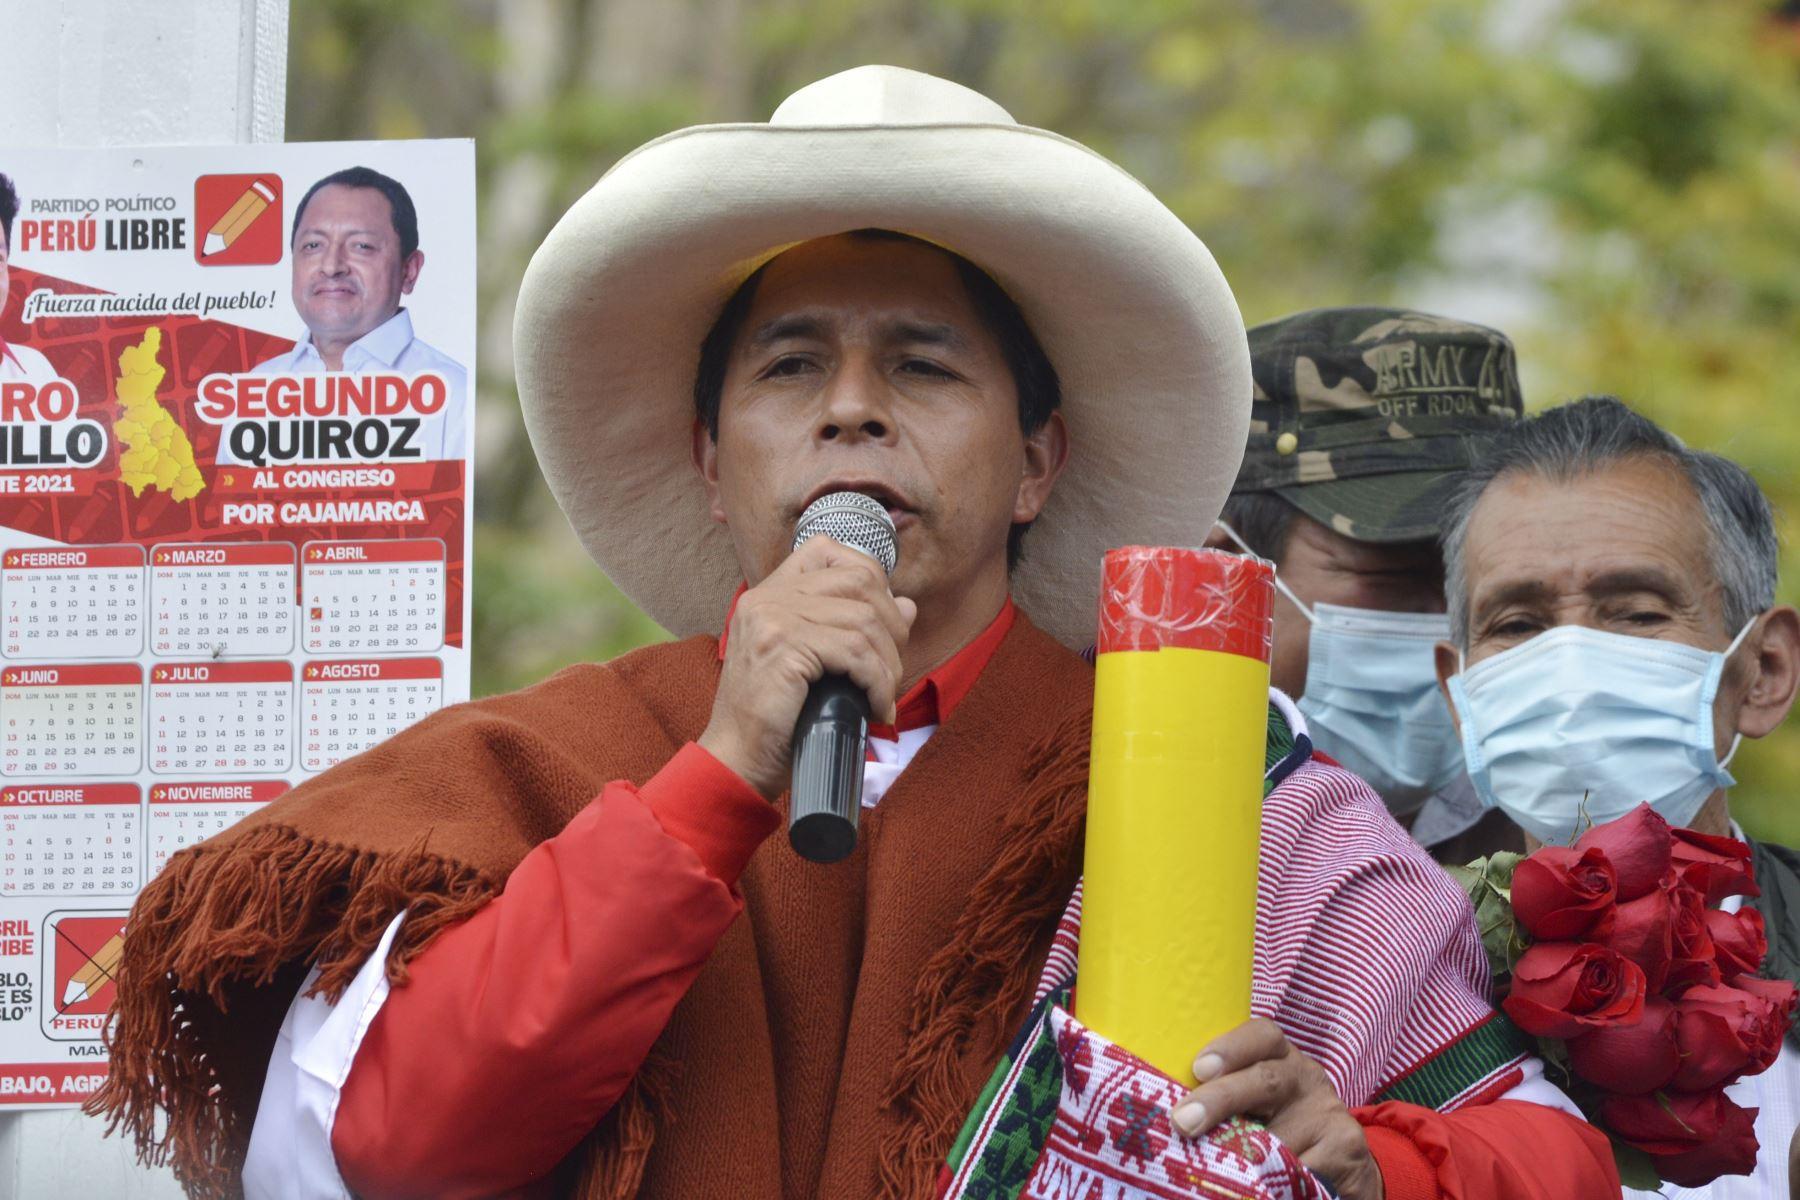 La victoria del populismo en Perú presenta un problema para América Latina